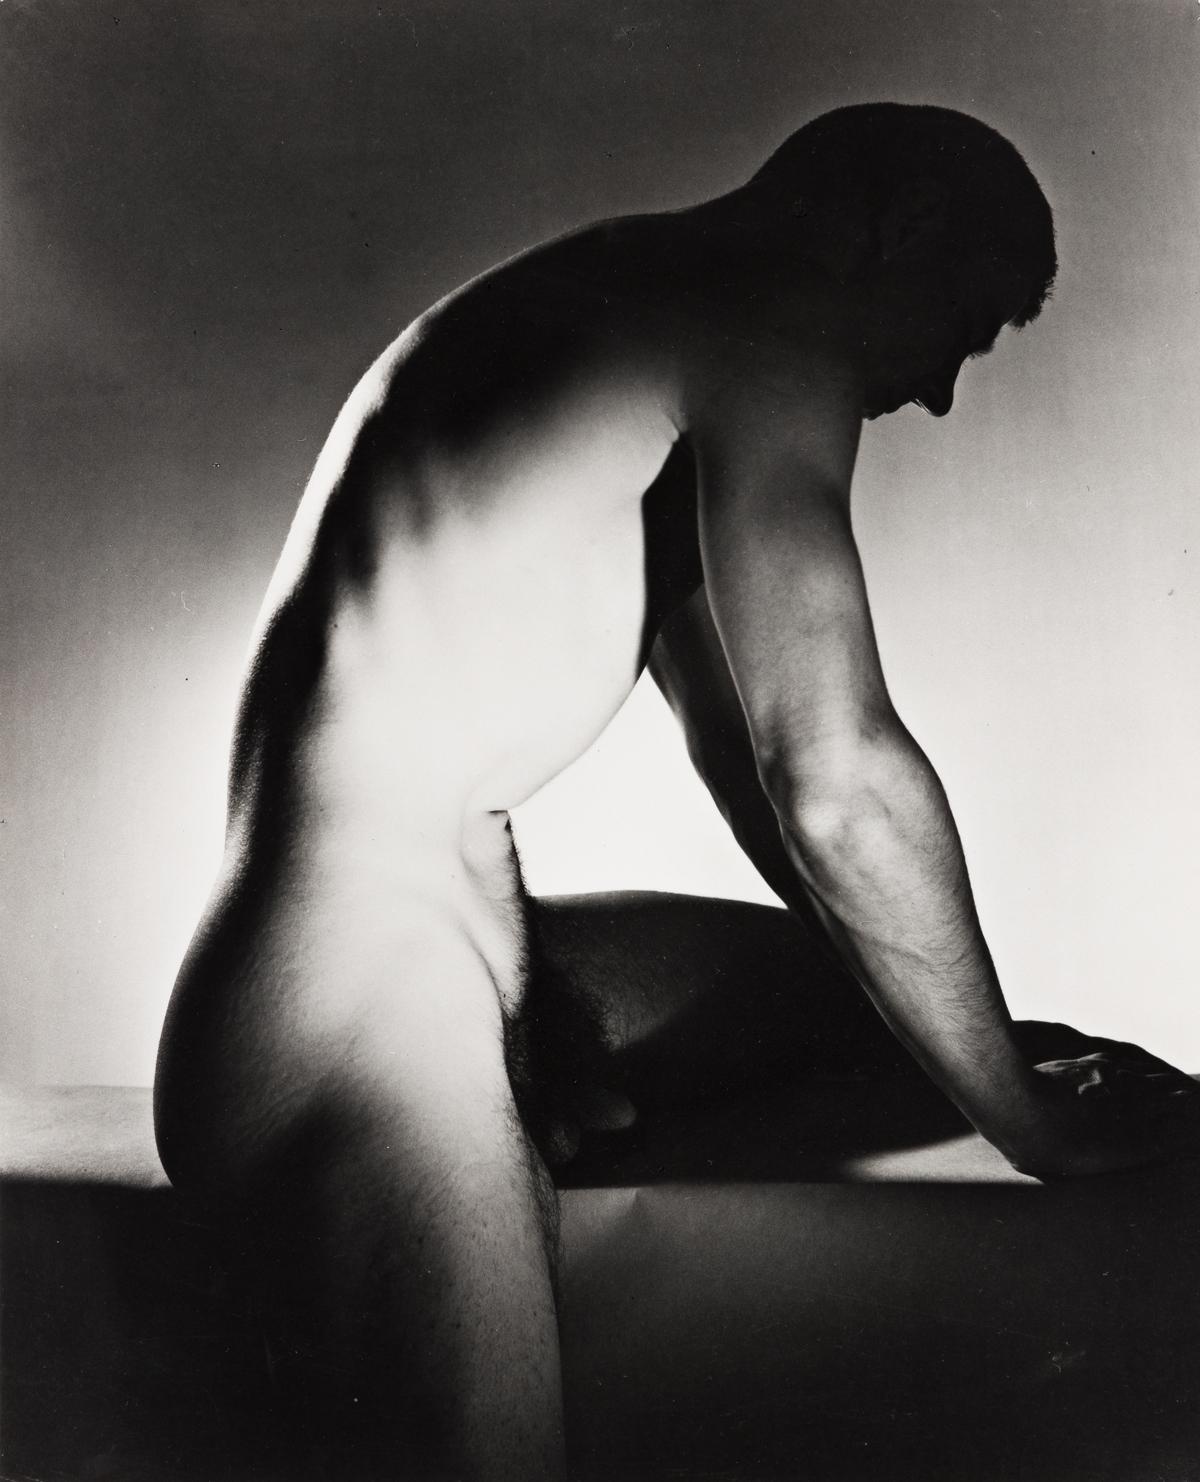 GEORGE PLATT LYNES (1907-1955) Ted Starkowski.